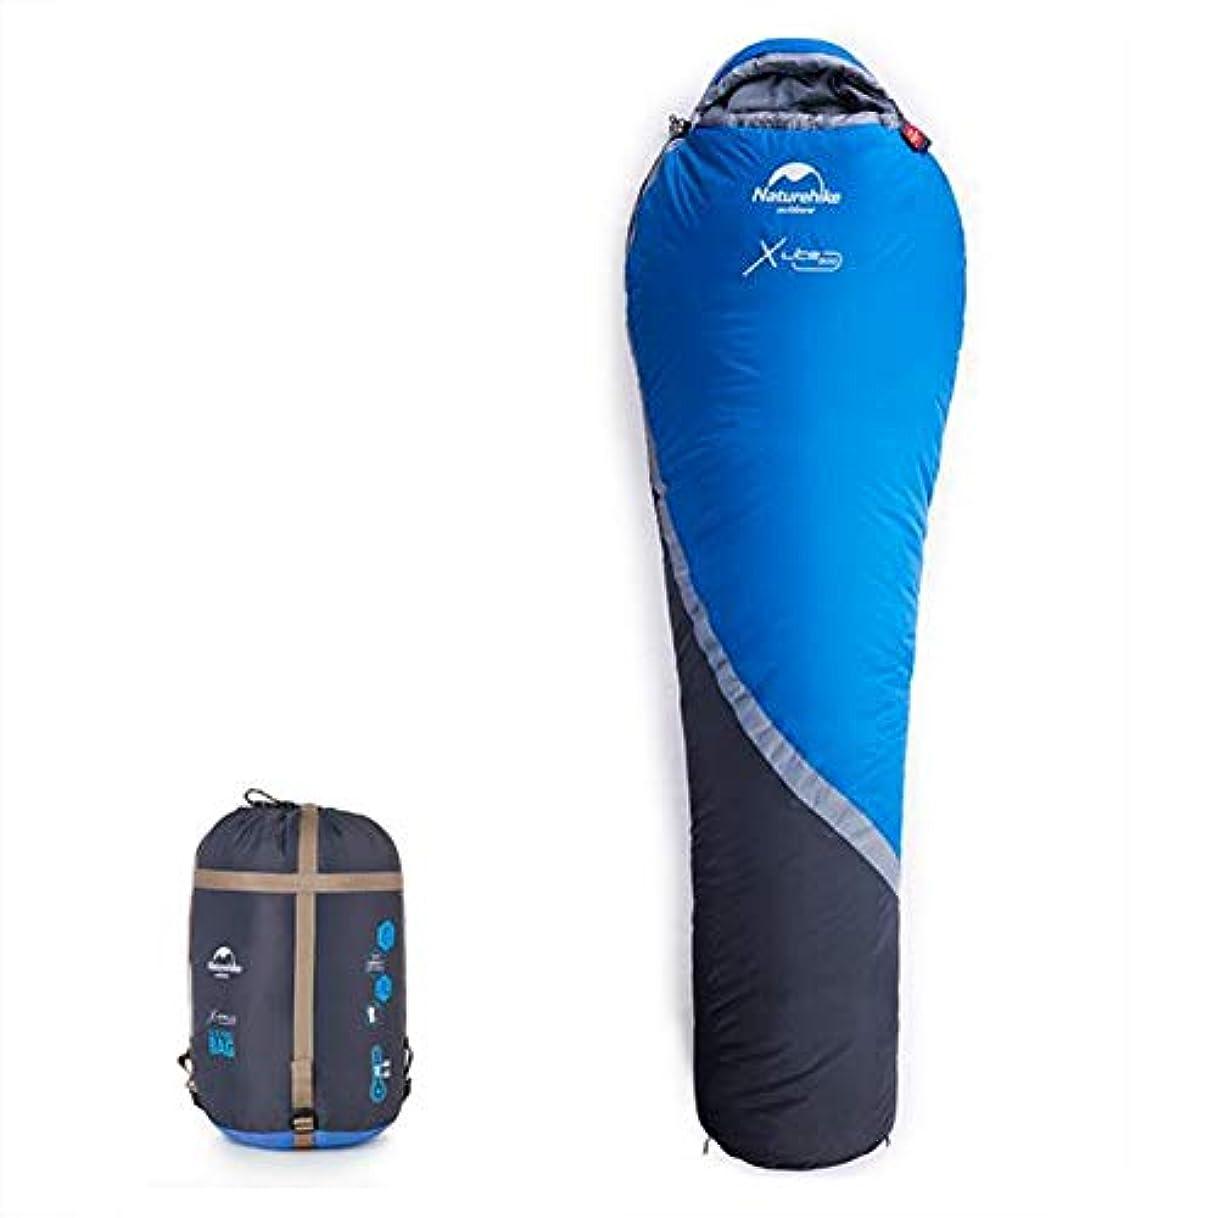 ごみ許可するペパーミントLGFV-旅行キャンプハイキング屋内および屋外活動のための暖かい軽量封筒寝袋